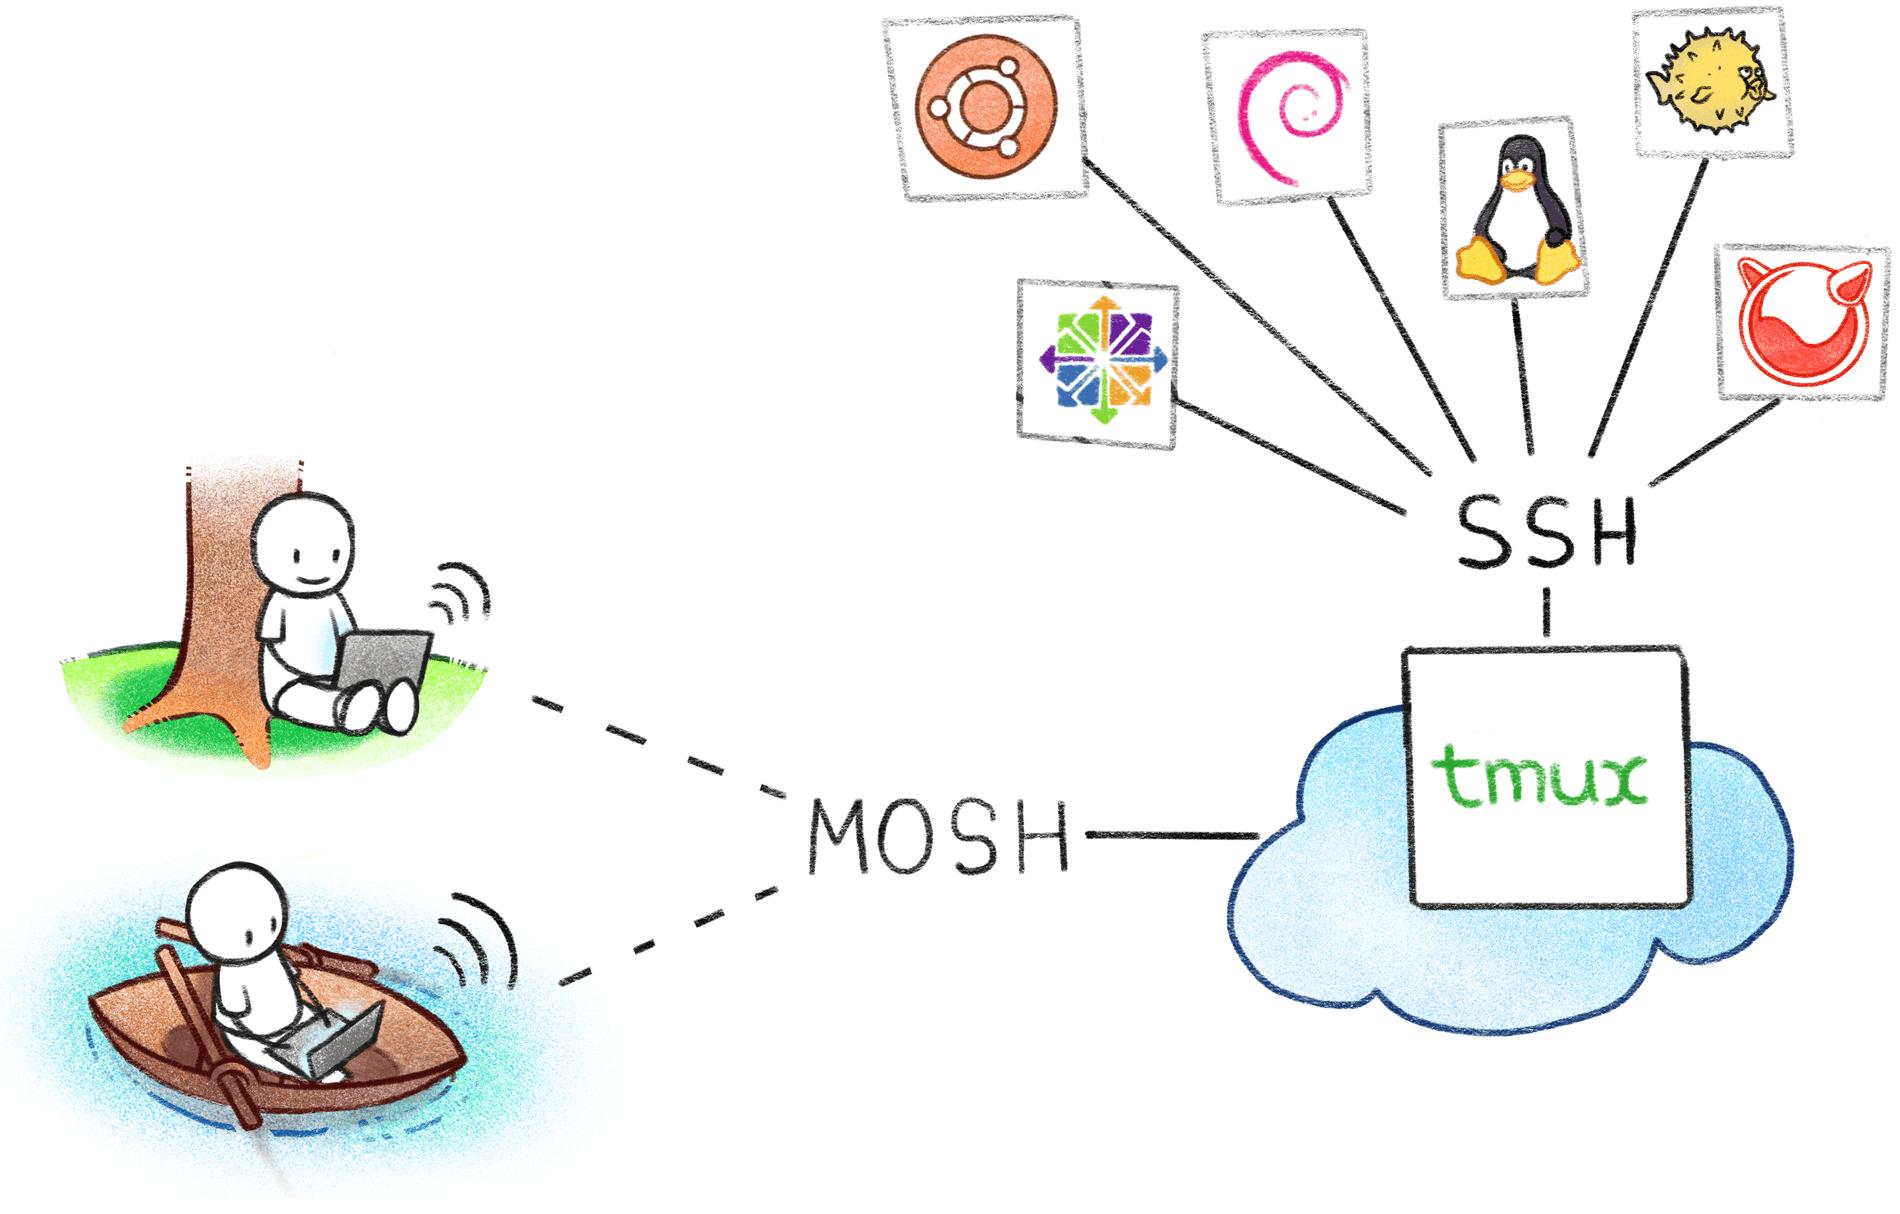 Терминальный сервер для админа; Ни единого SSH-разрыва